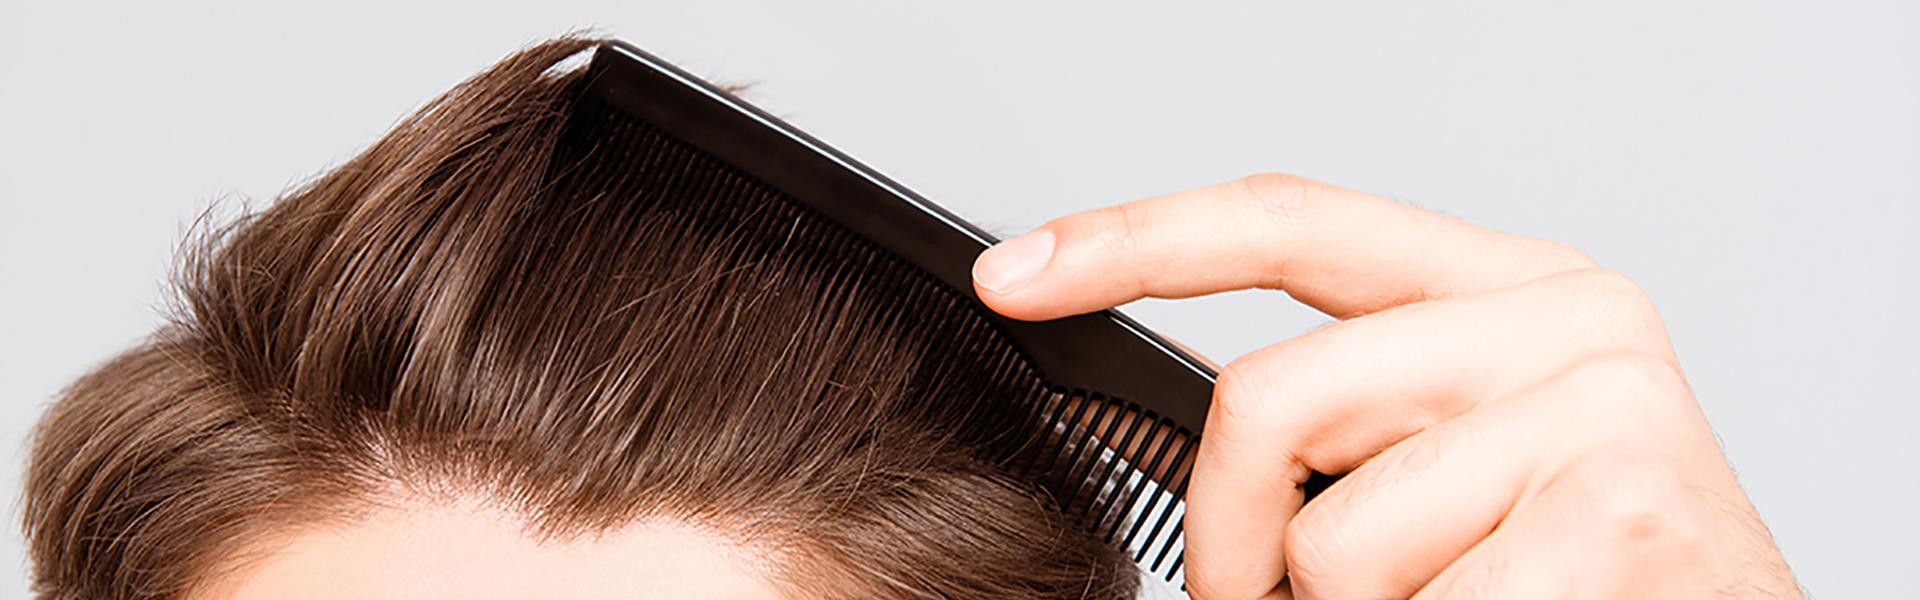 Saç dökülmeleri prp uygulanması